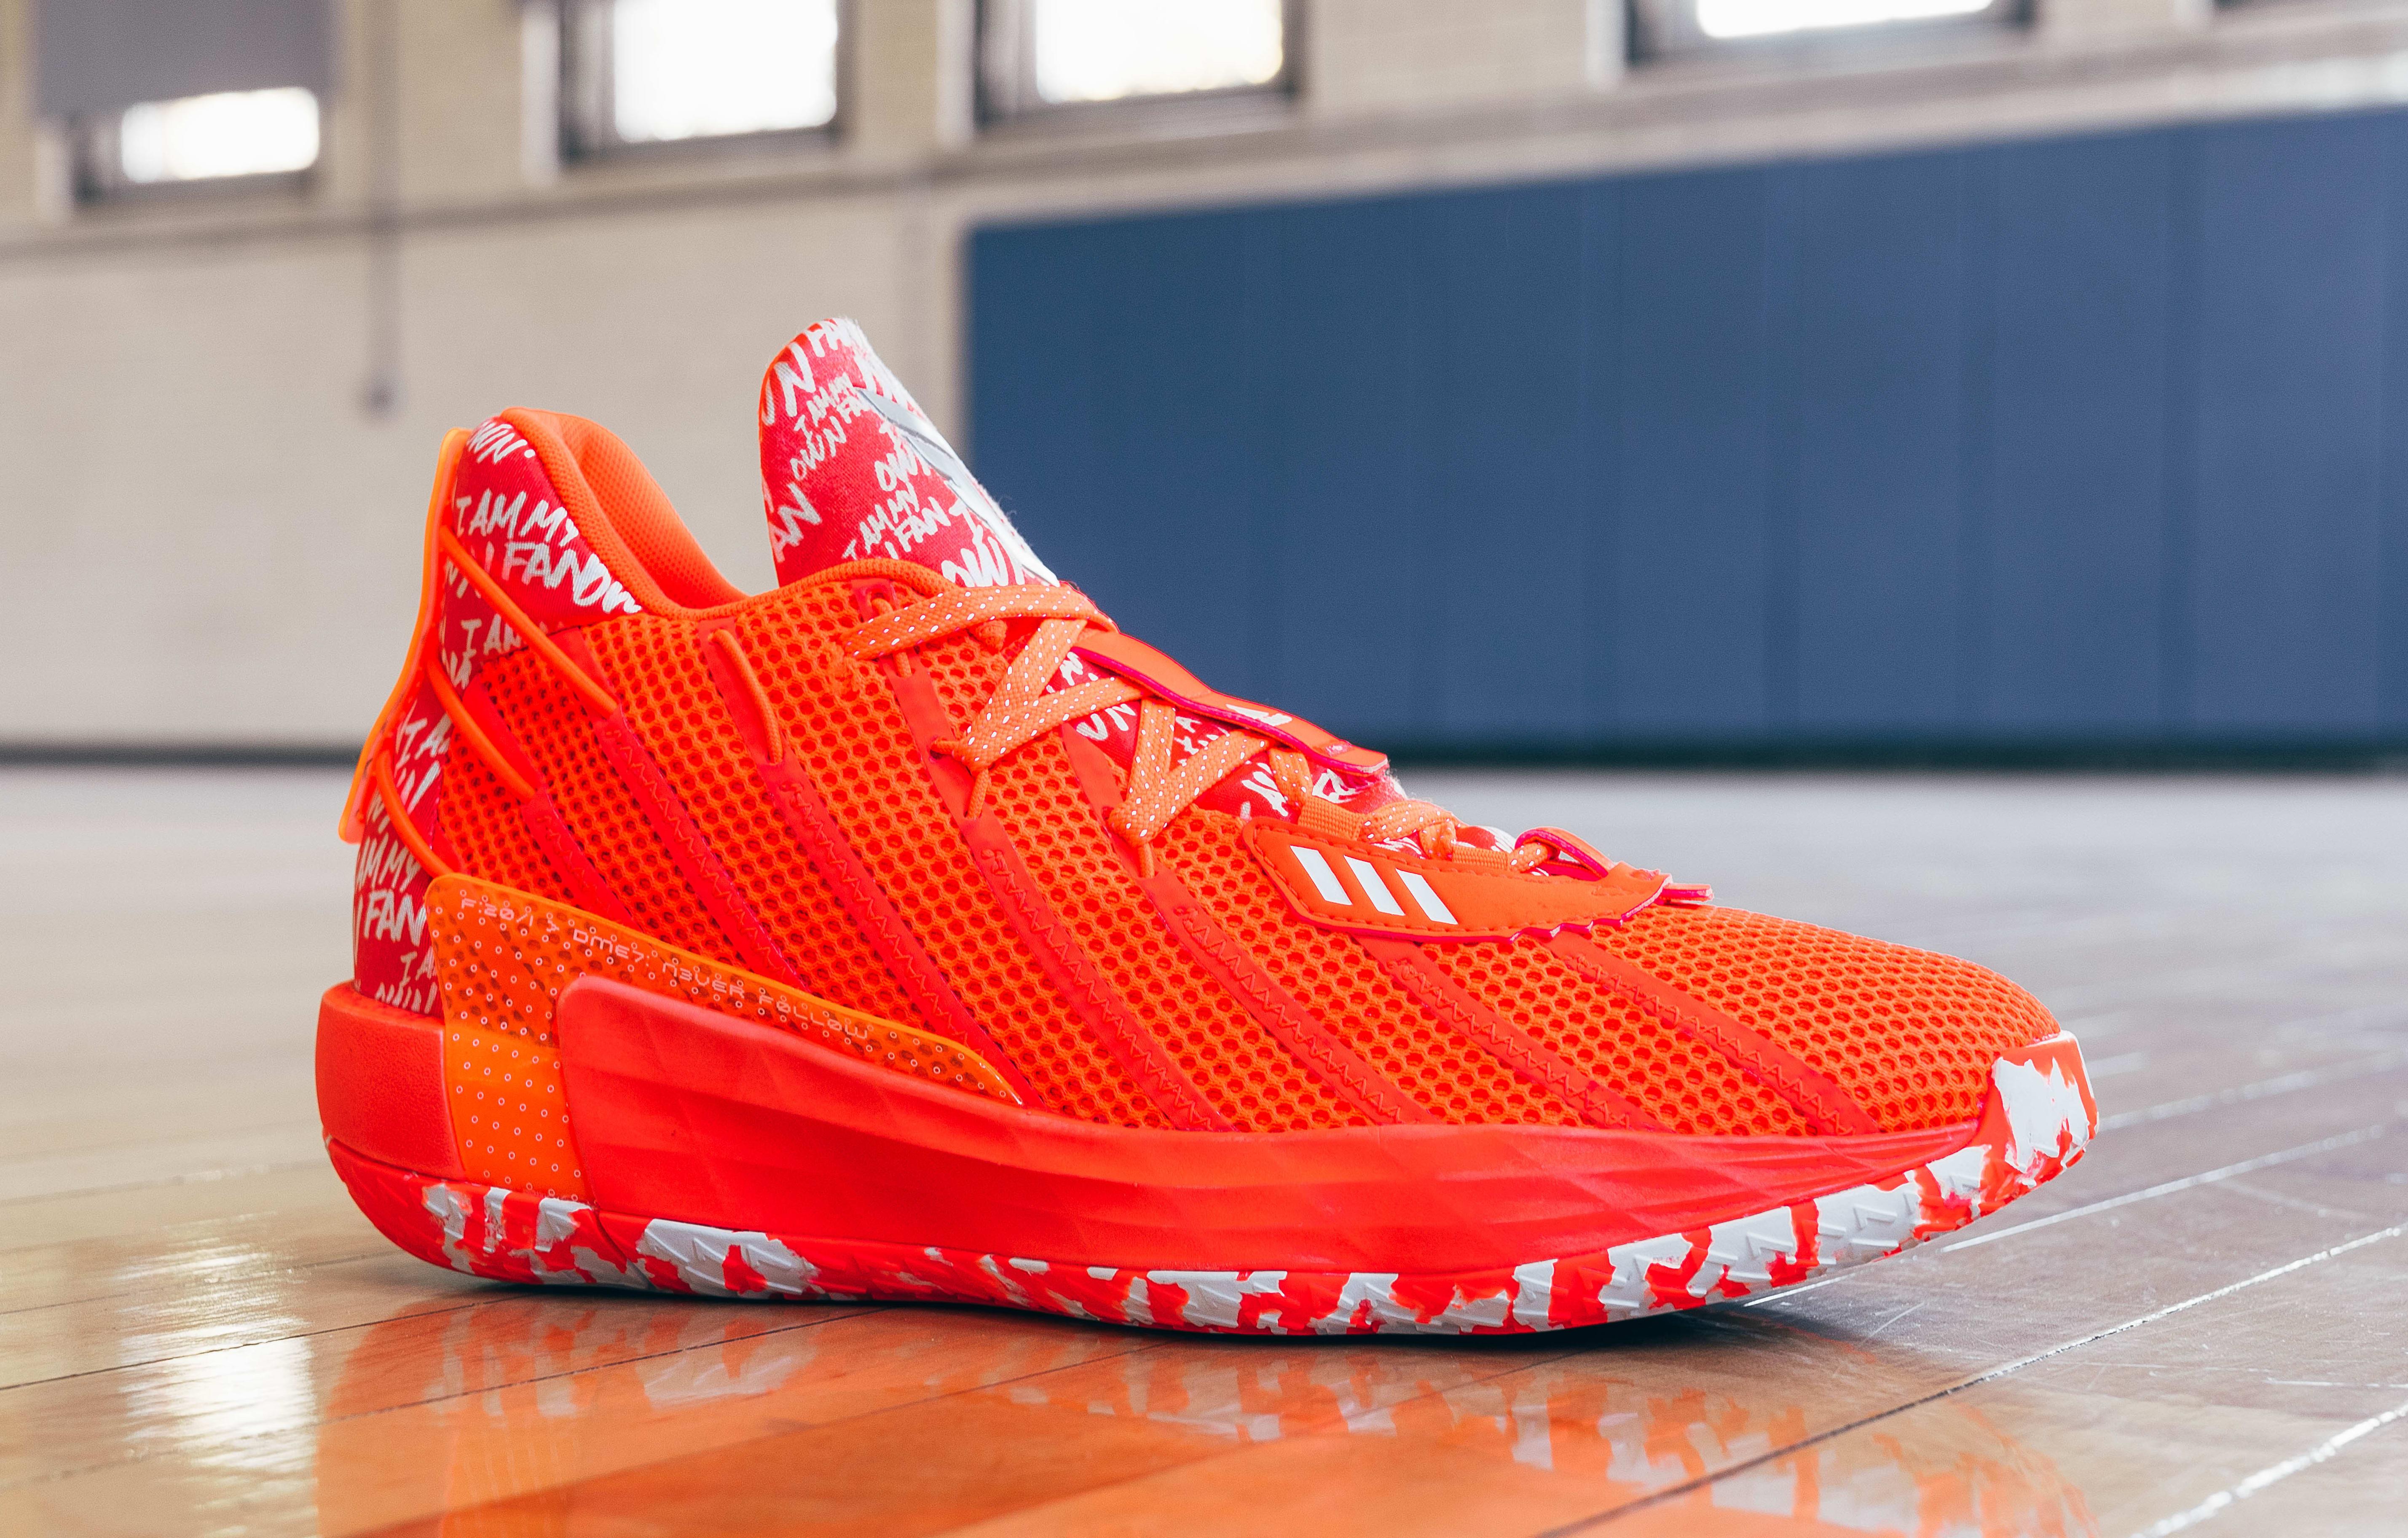 Adidas Dame 7 Orange (Lateral)